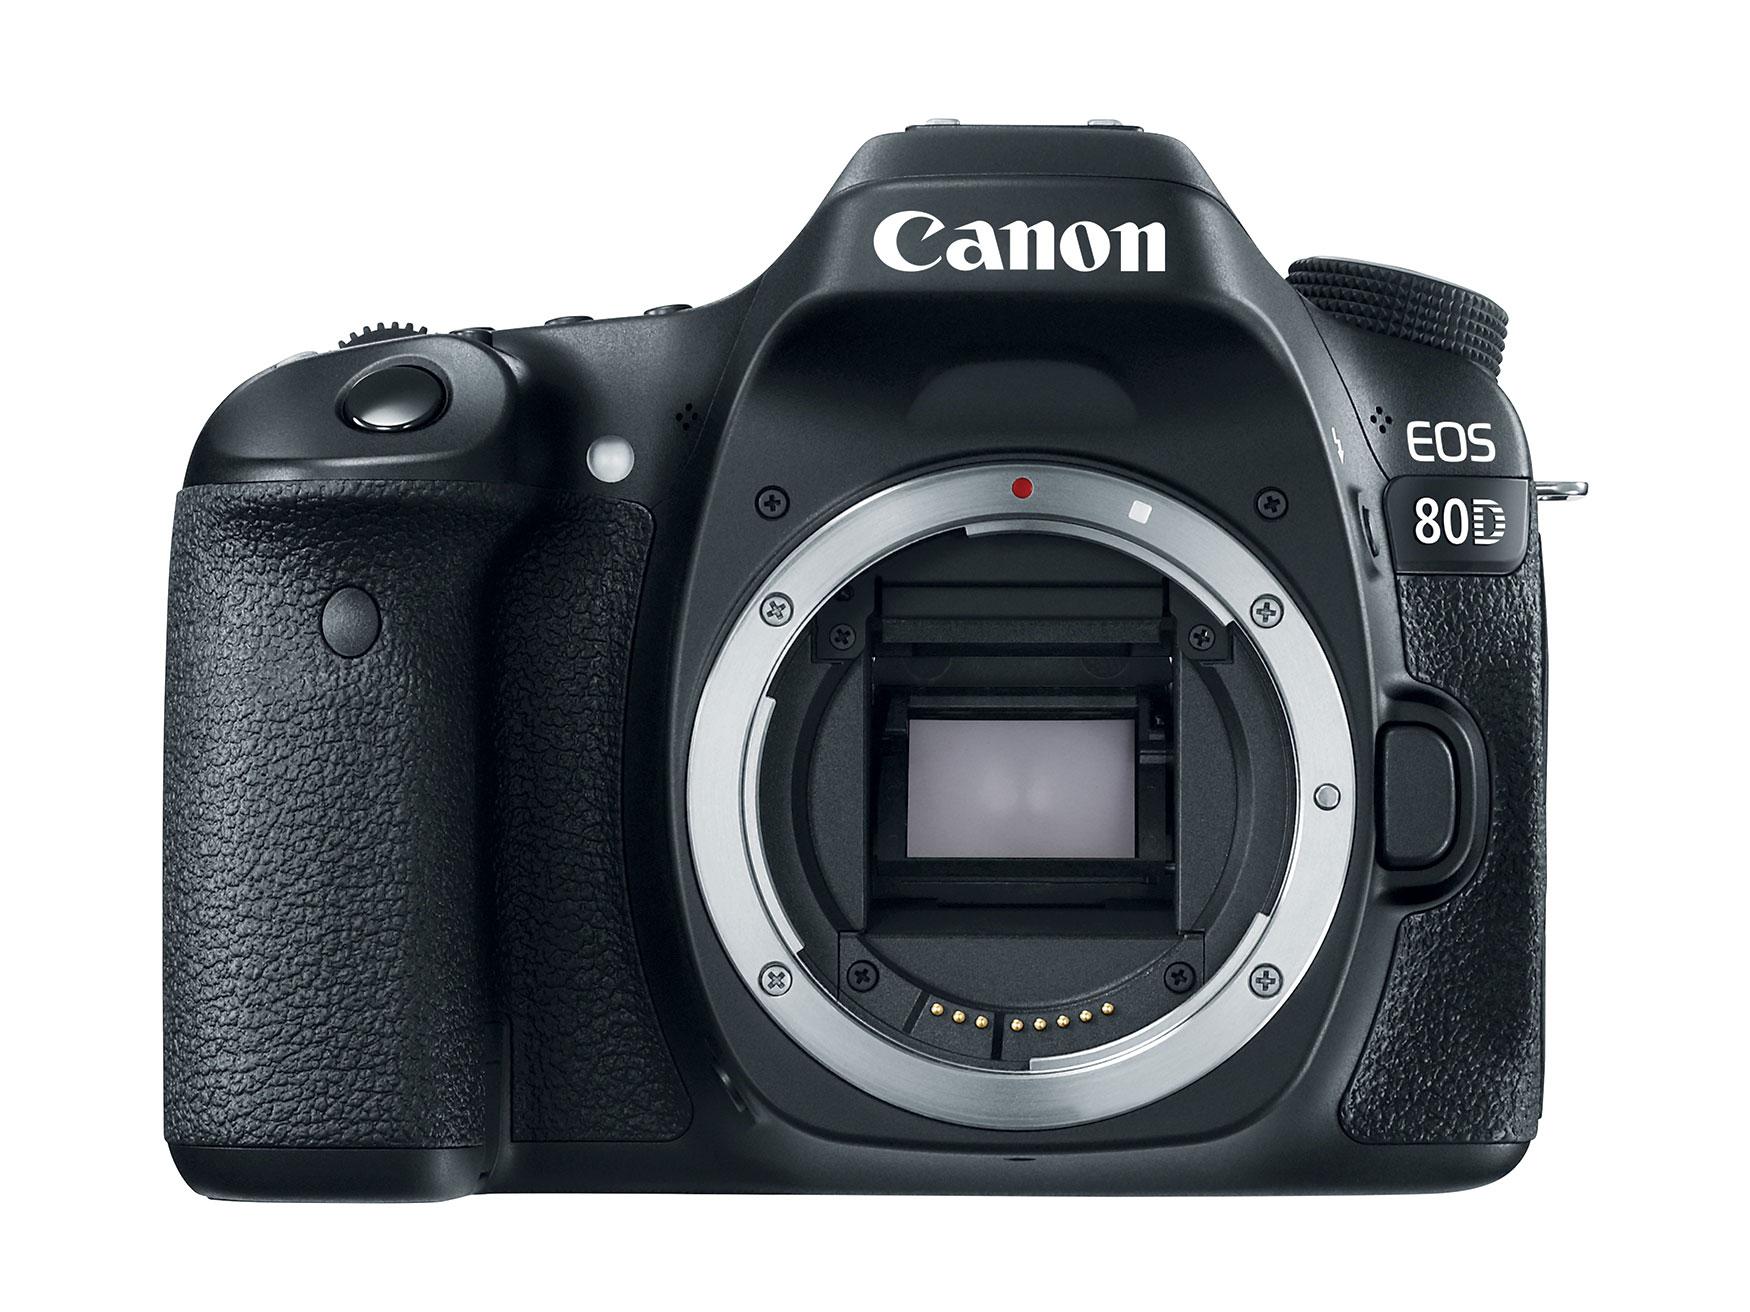 canon_eos_80d_1.jpg